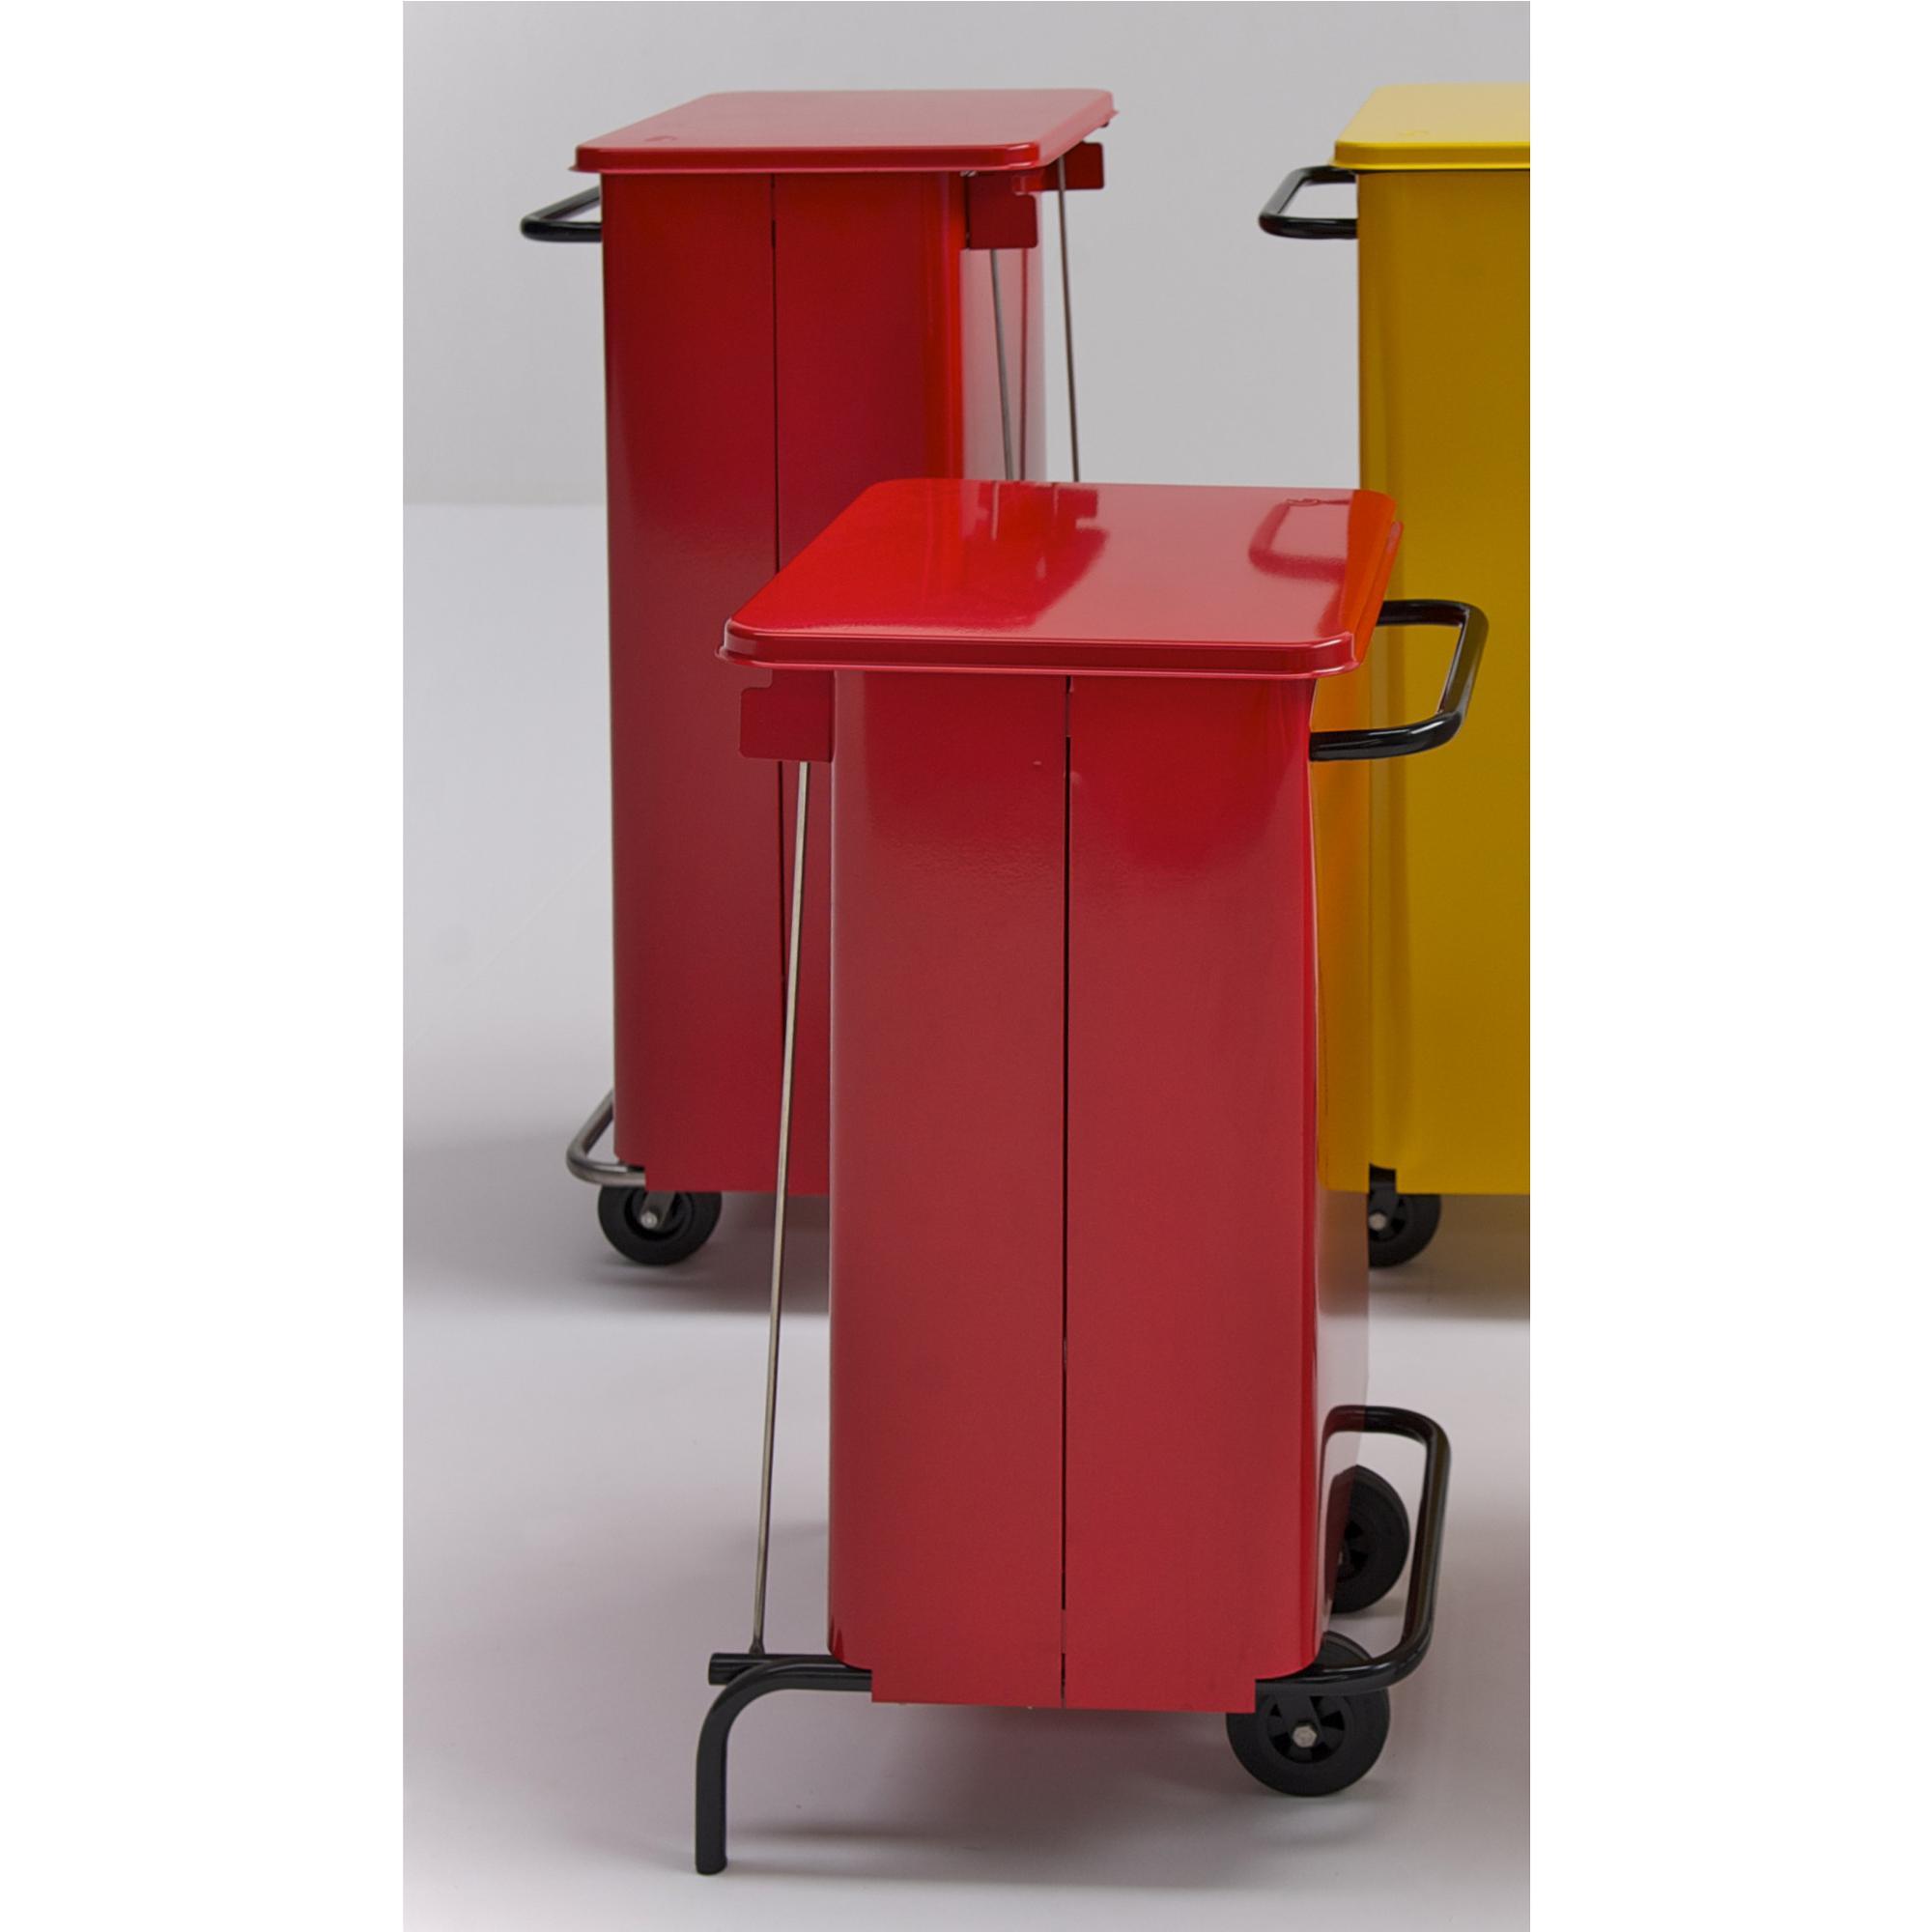 Pattumiera con ruote rettangola midi 48x46xh 76 litri 70 colore rosso graepel spa stilcasa - Casa midi cucine prezzi ...